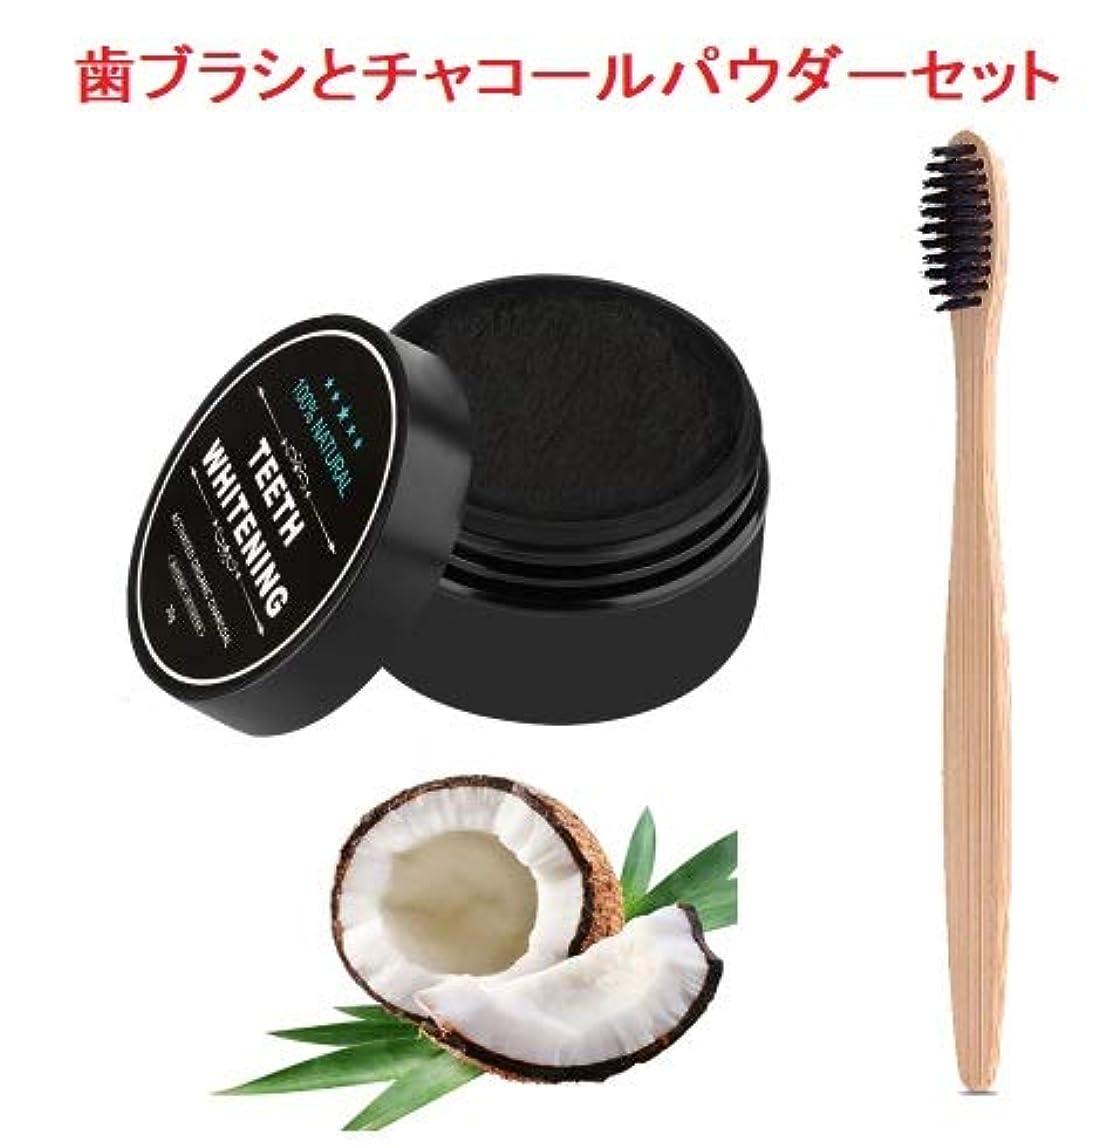 主権者洞窟人Izmirli Bamboo Charcoal and Wooden Toothbrush Set - Izmirli竹炭と木製の歯ブラシセット